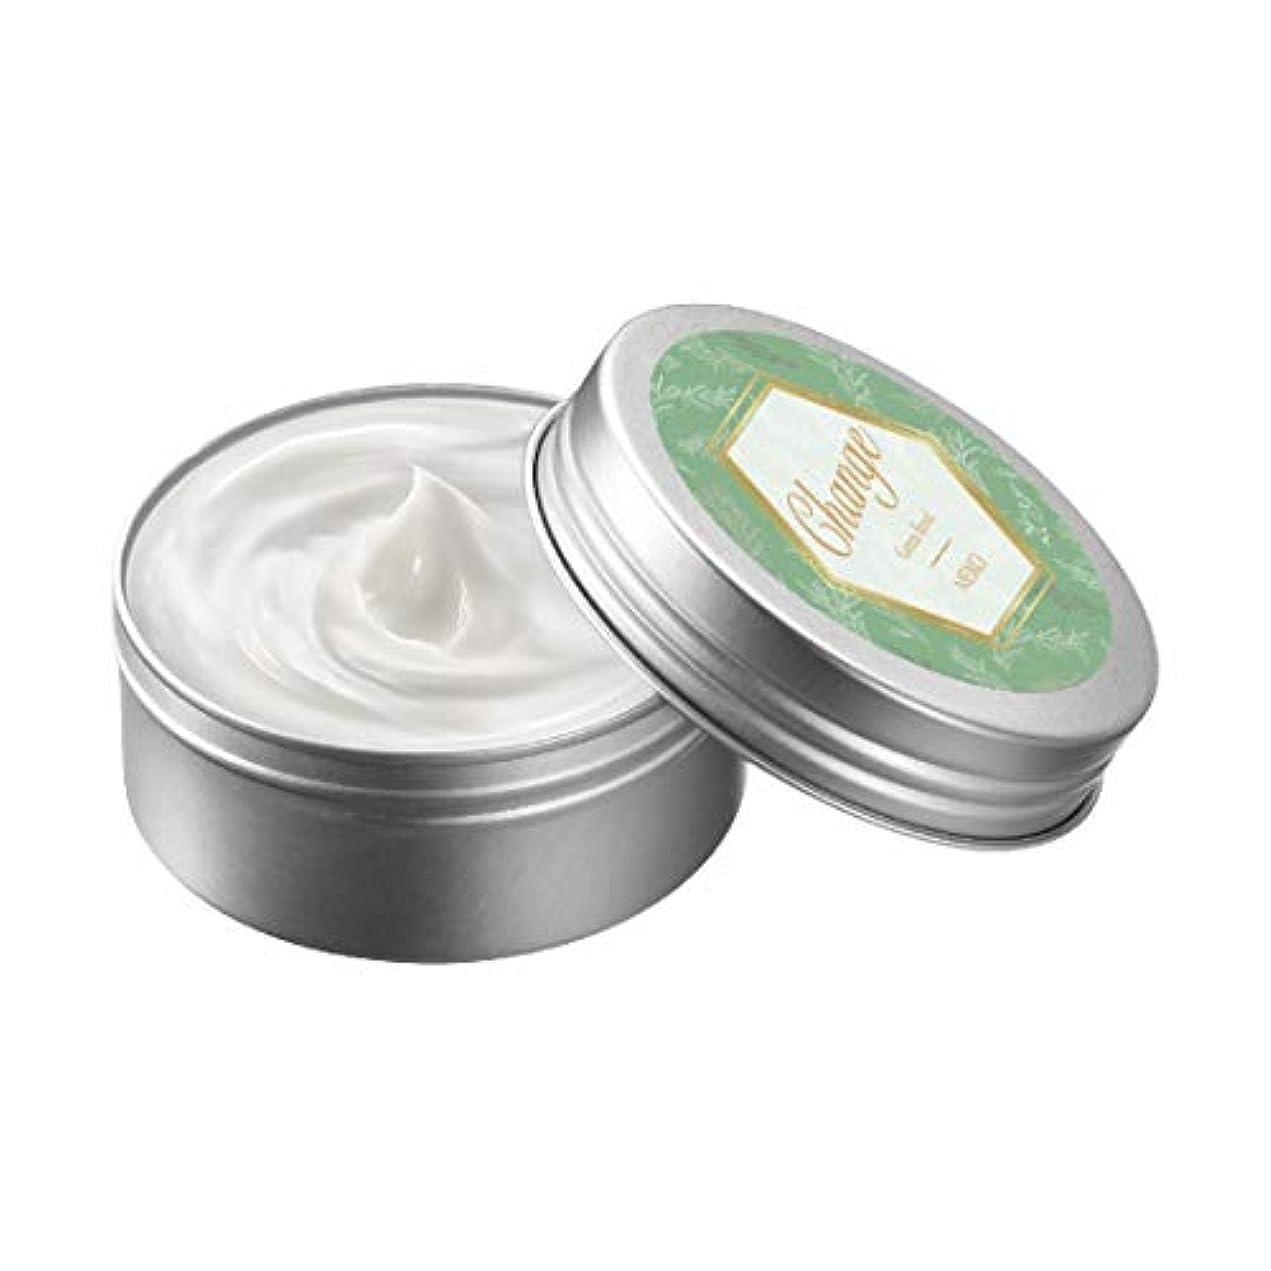 納税者バター含むボディクリーム グリーンフローラルの香り 60g ( 全身 クリーム 顔 保湿 スキンケア ハンドケア 全身クリーム )【 メイコー メイコー化粧品 】